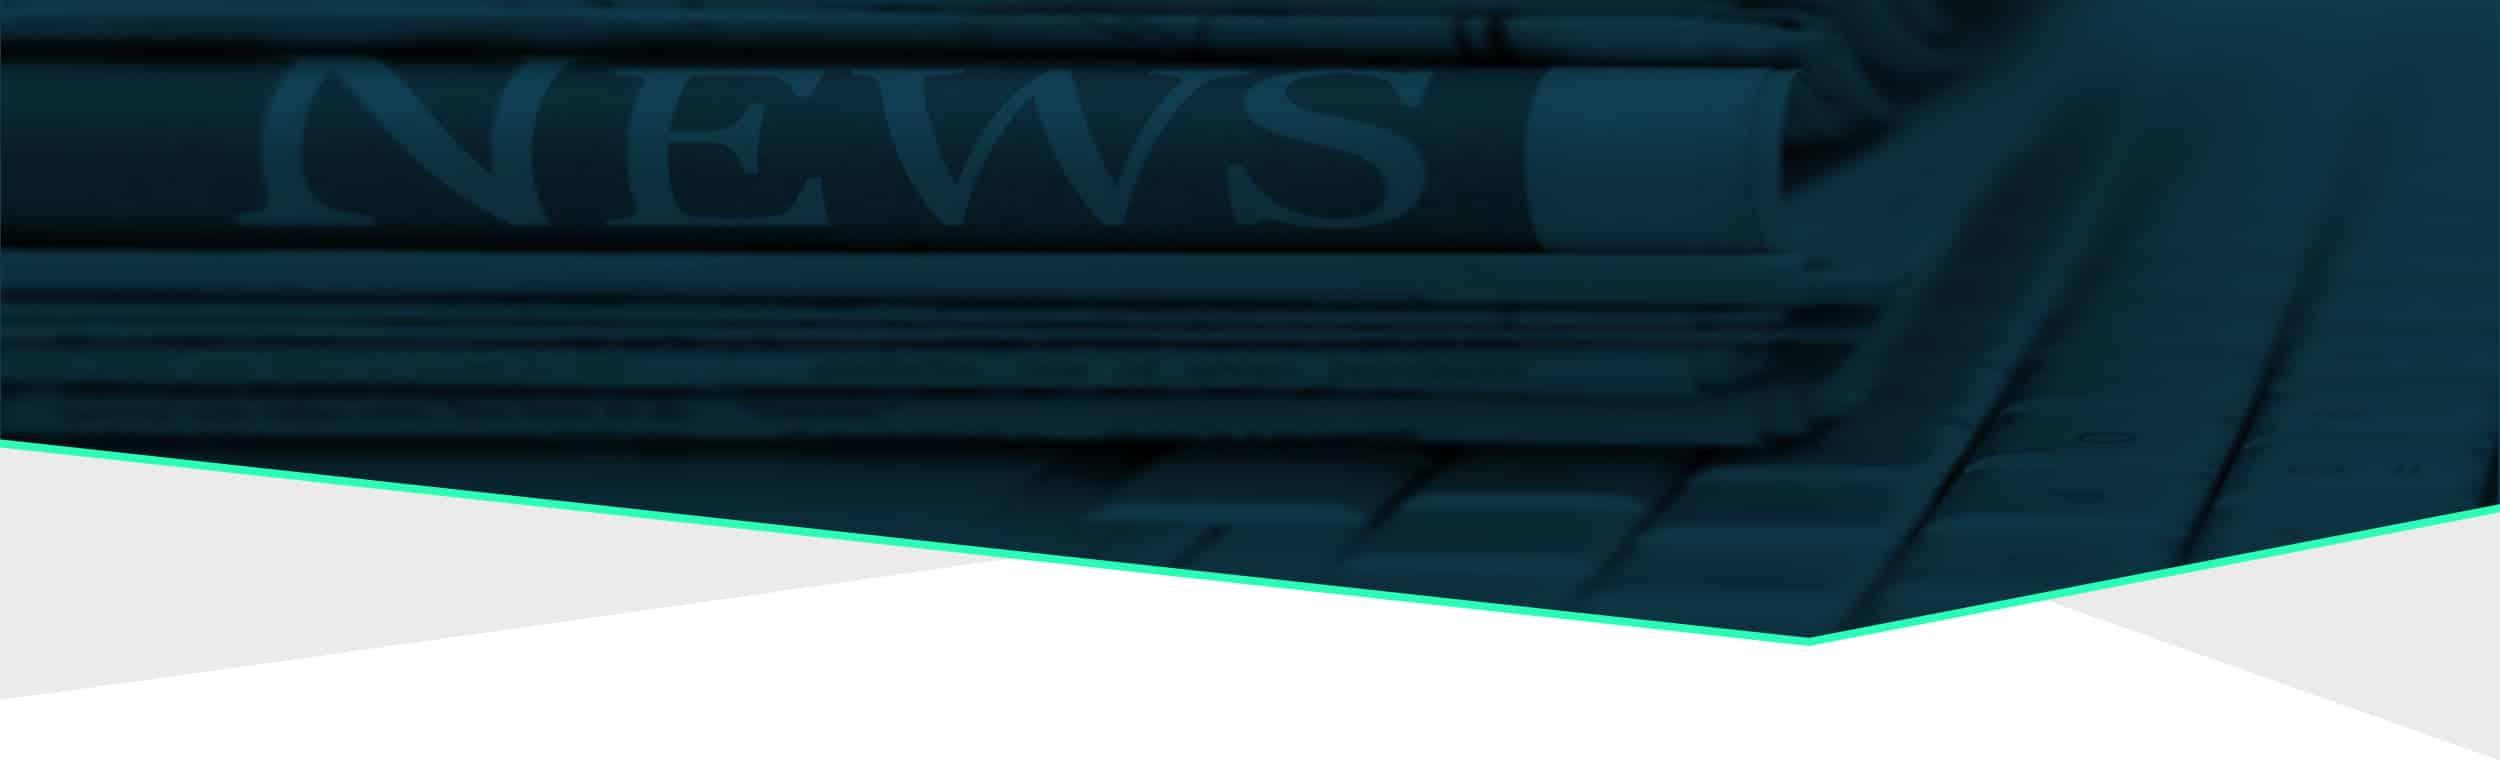 Tiro-Security-News